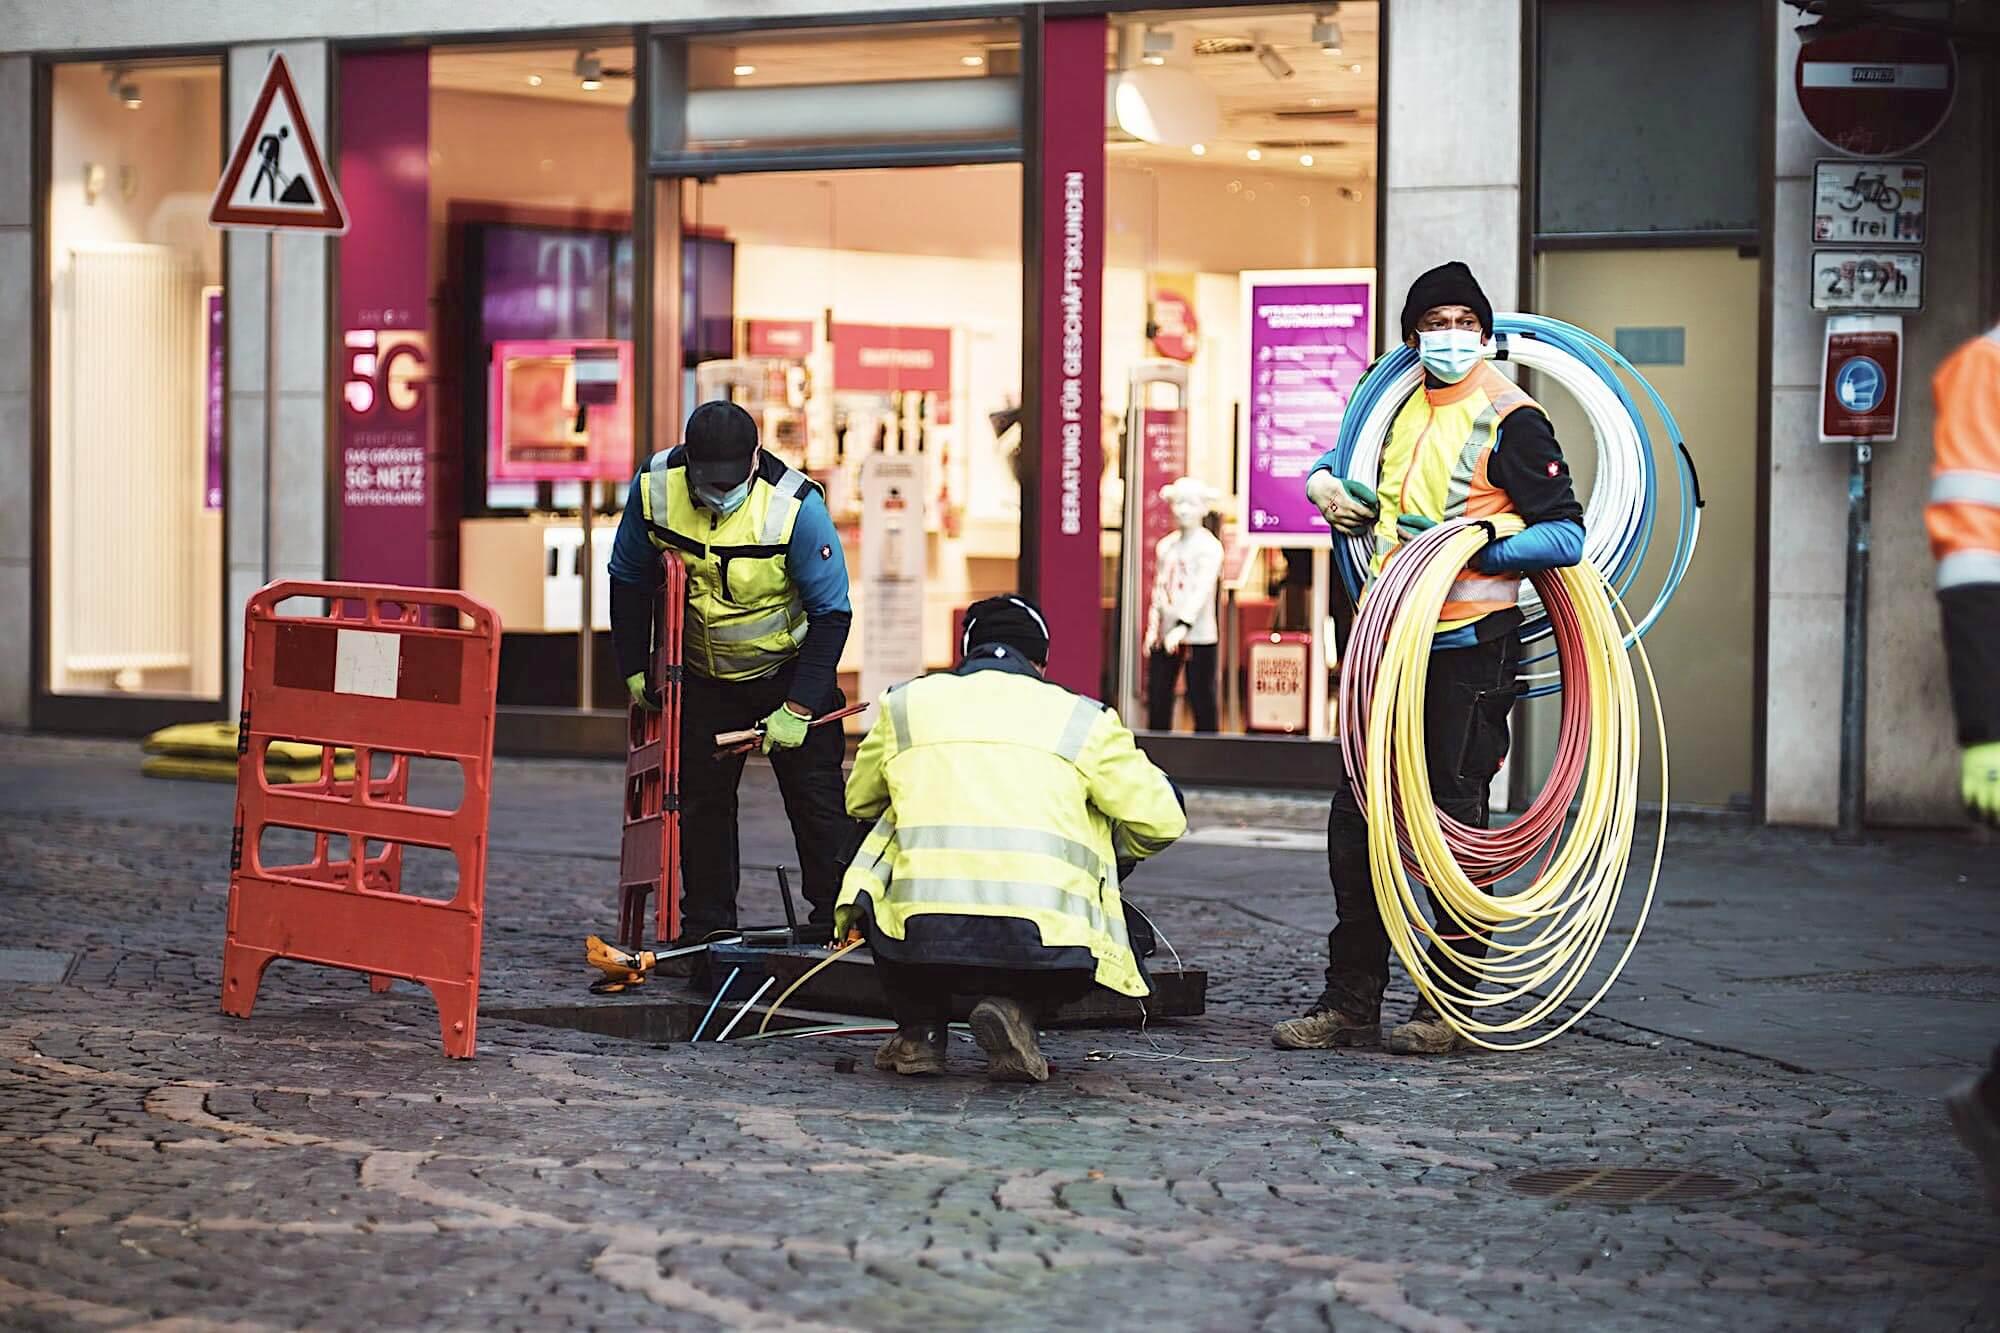 Фотография: Mika Baumeister. Источник: Unsplash.com